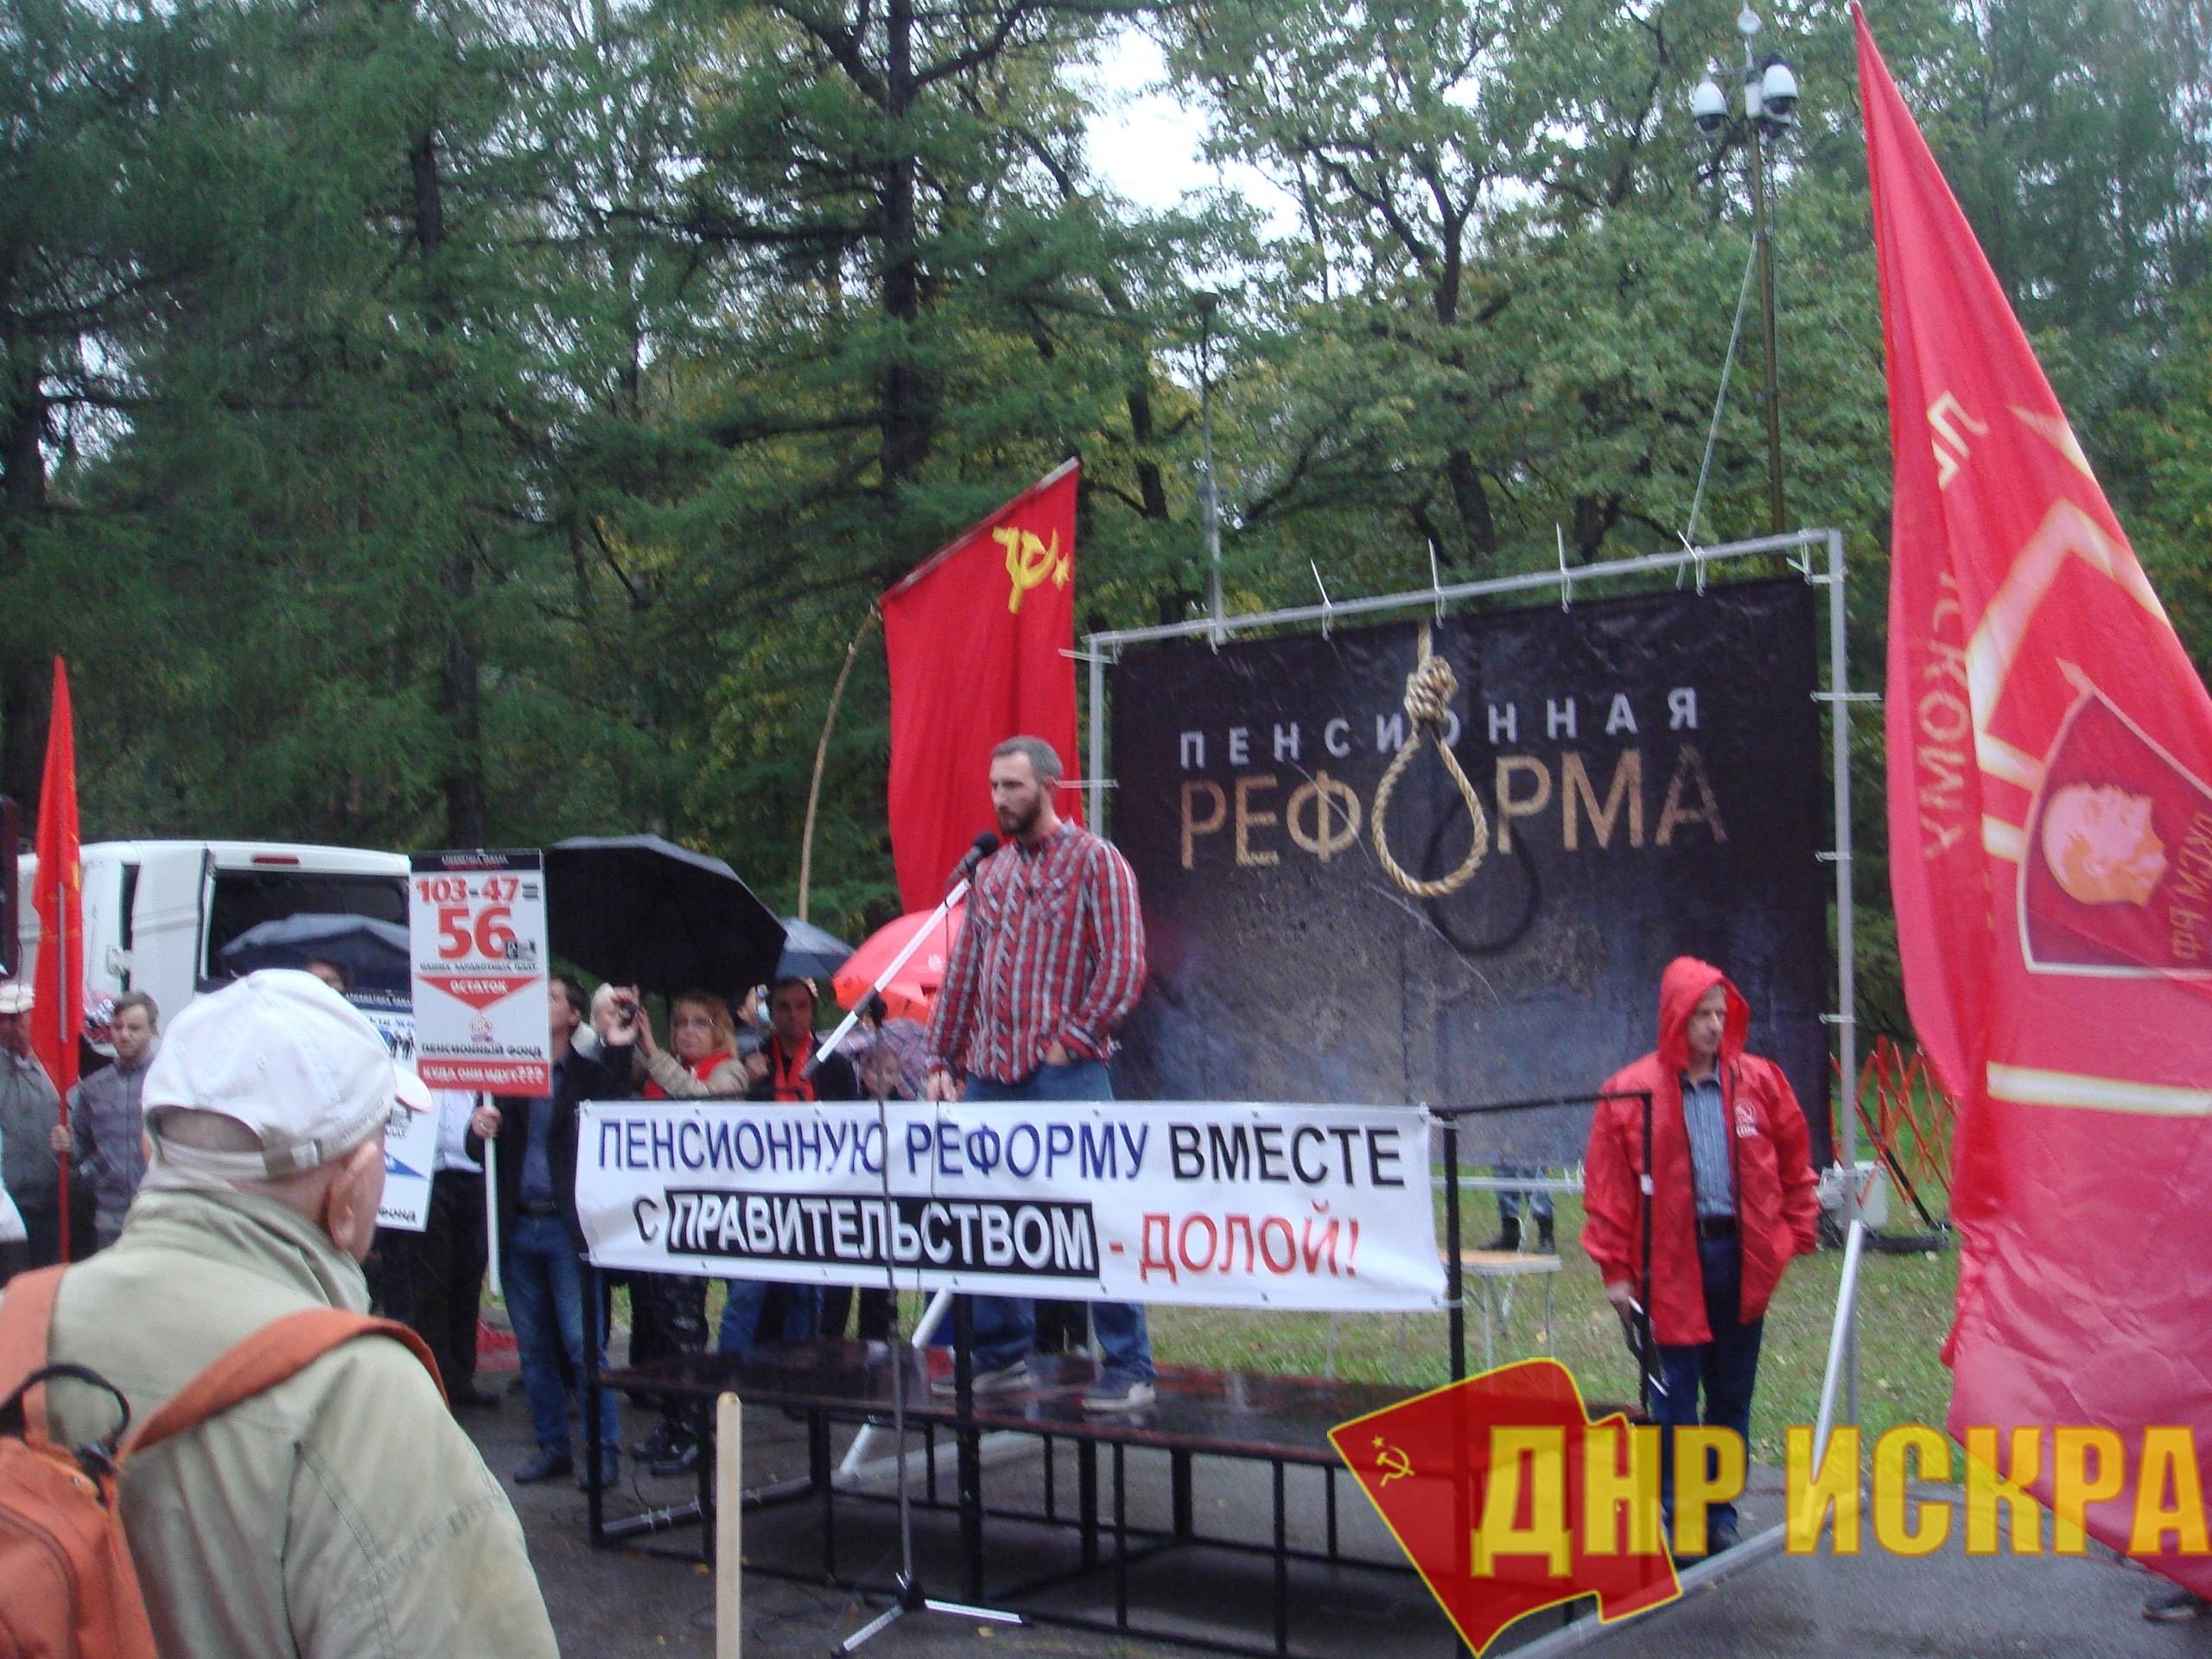 Ленинград (Петербург): Долой олигархическую власть!